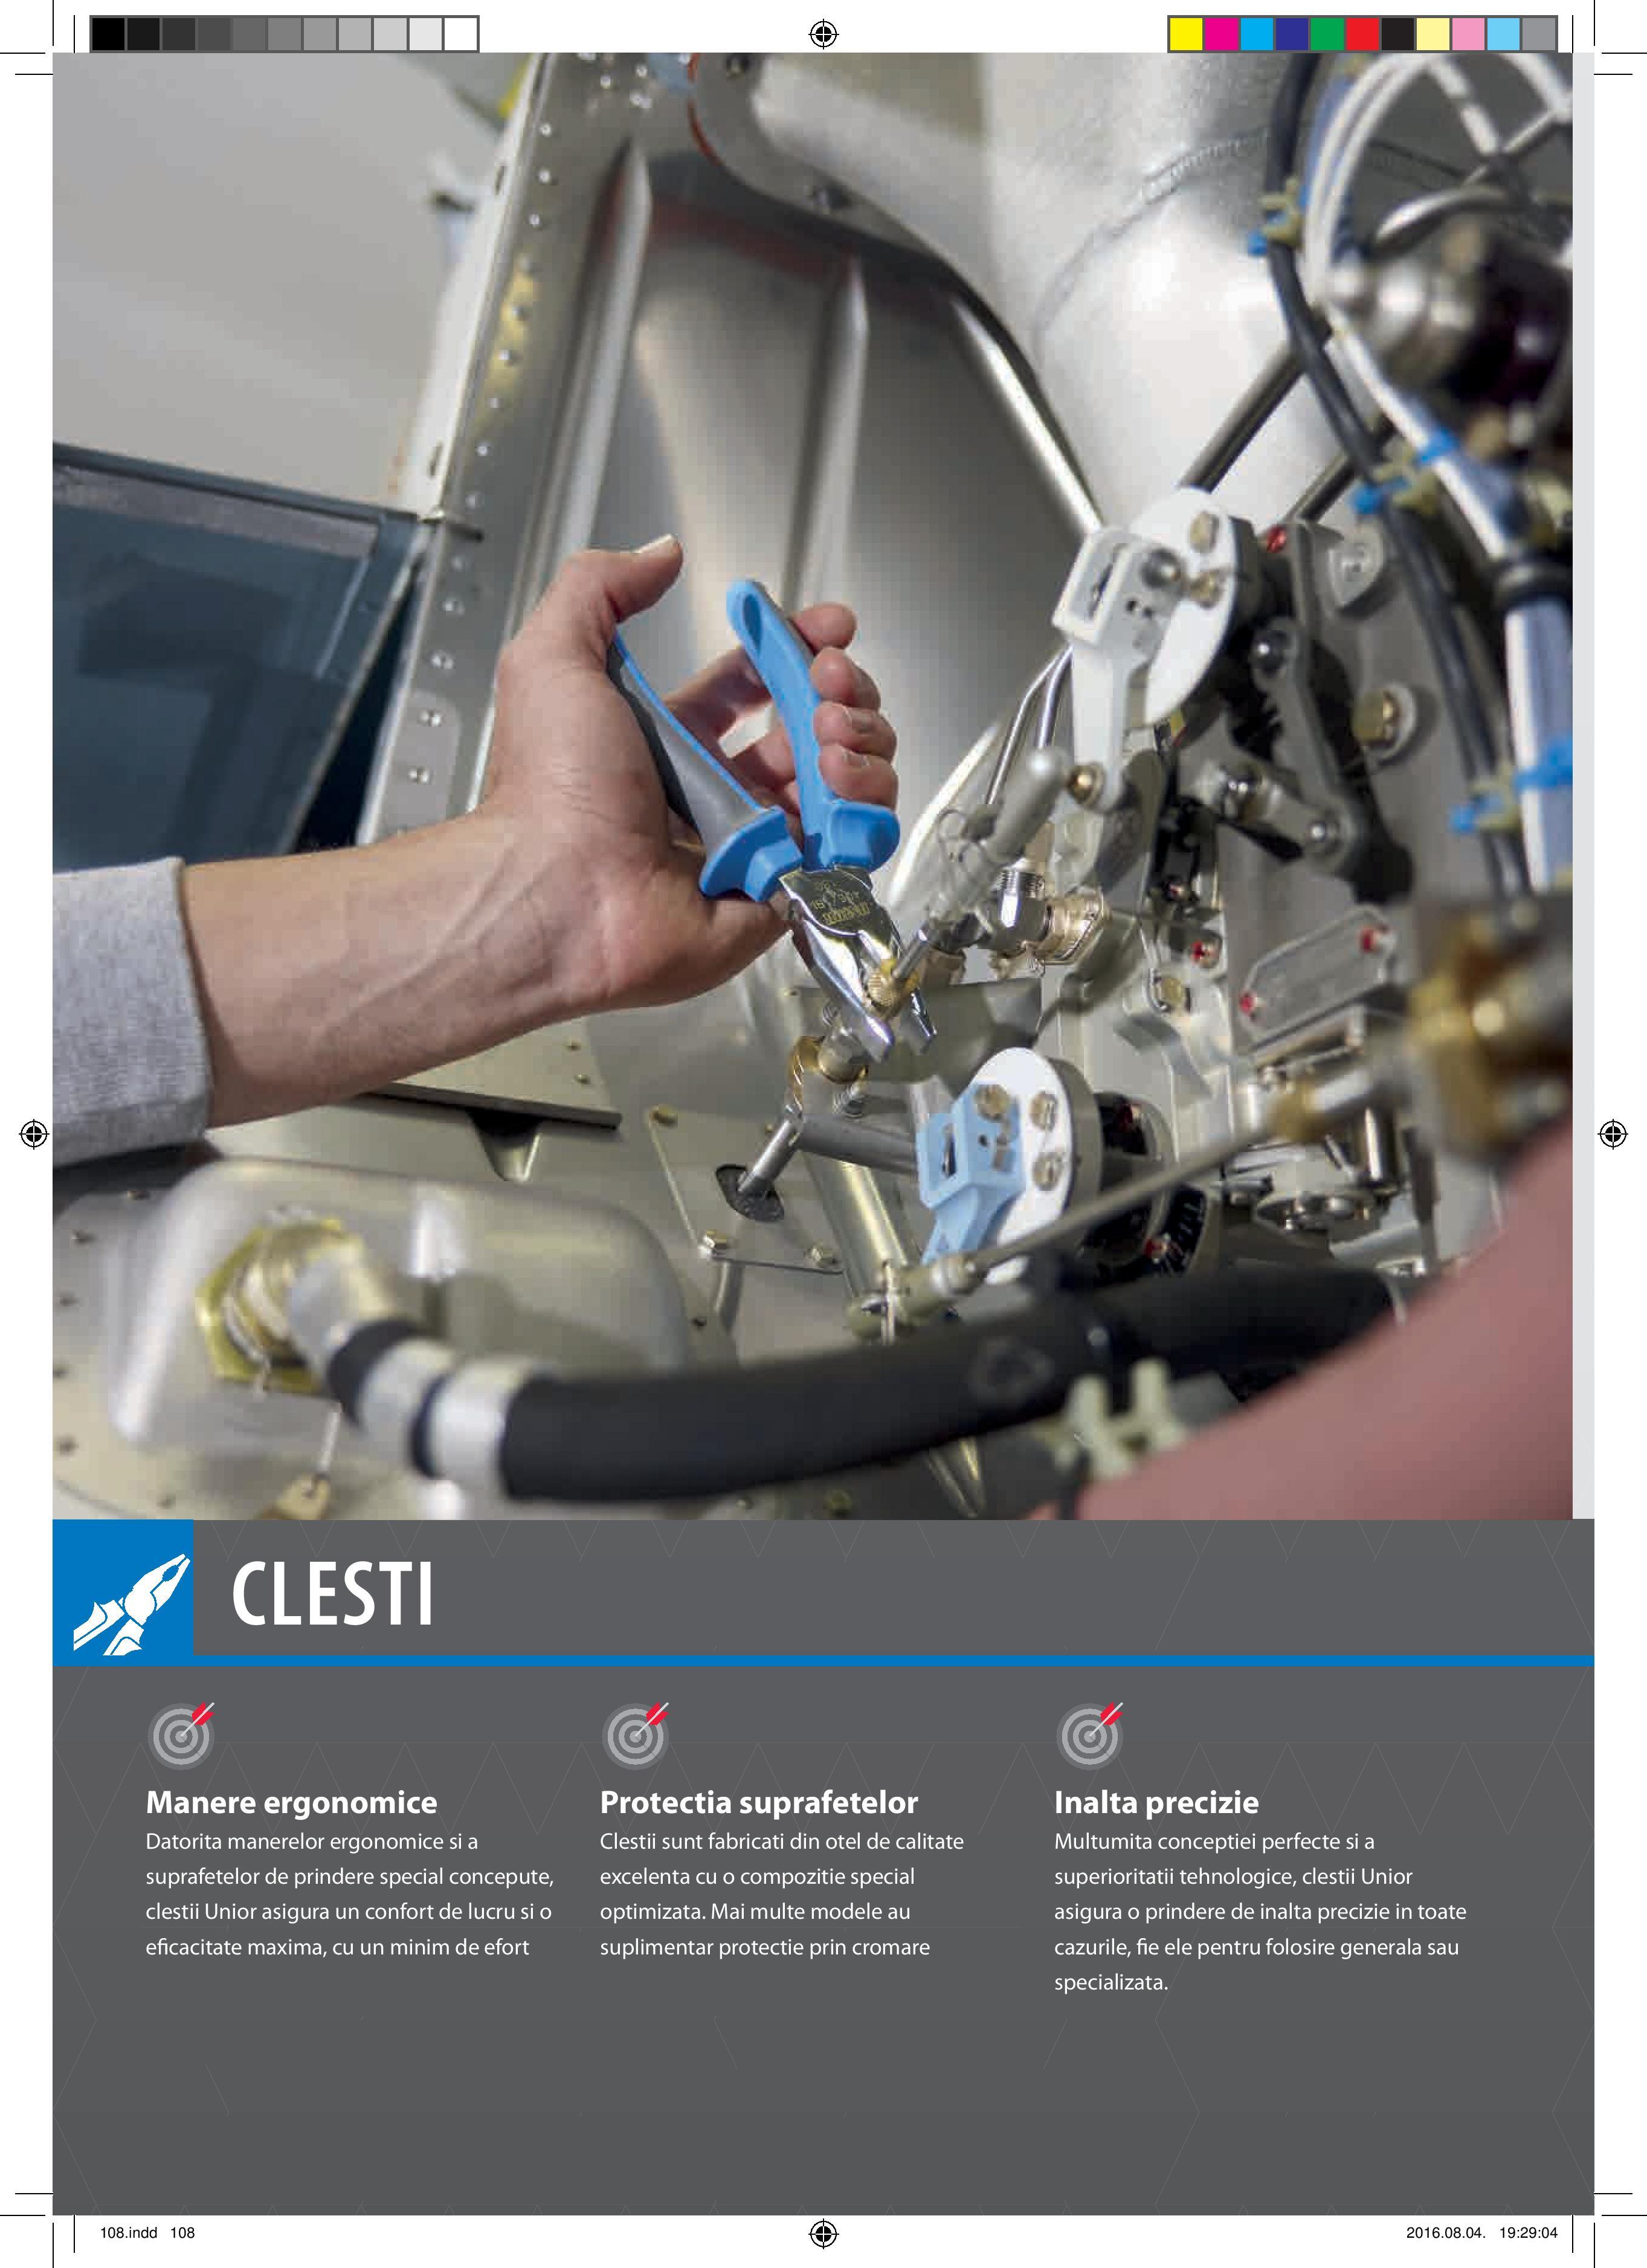 Catalog Unior - Capitol 3 Clesti